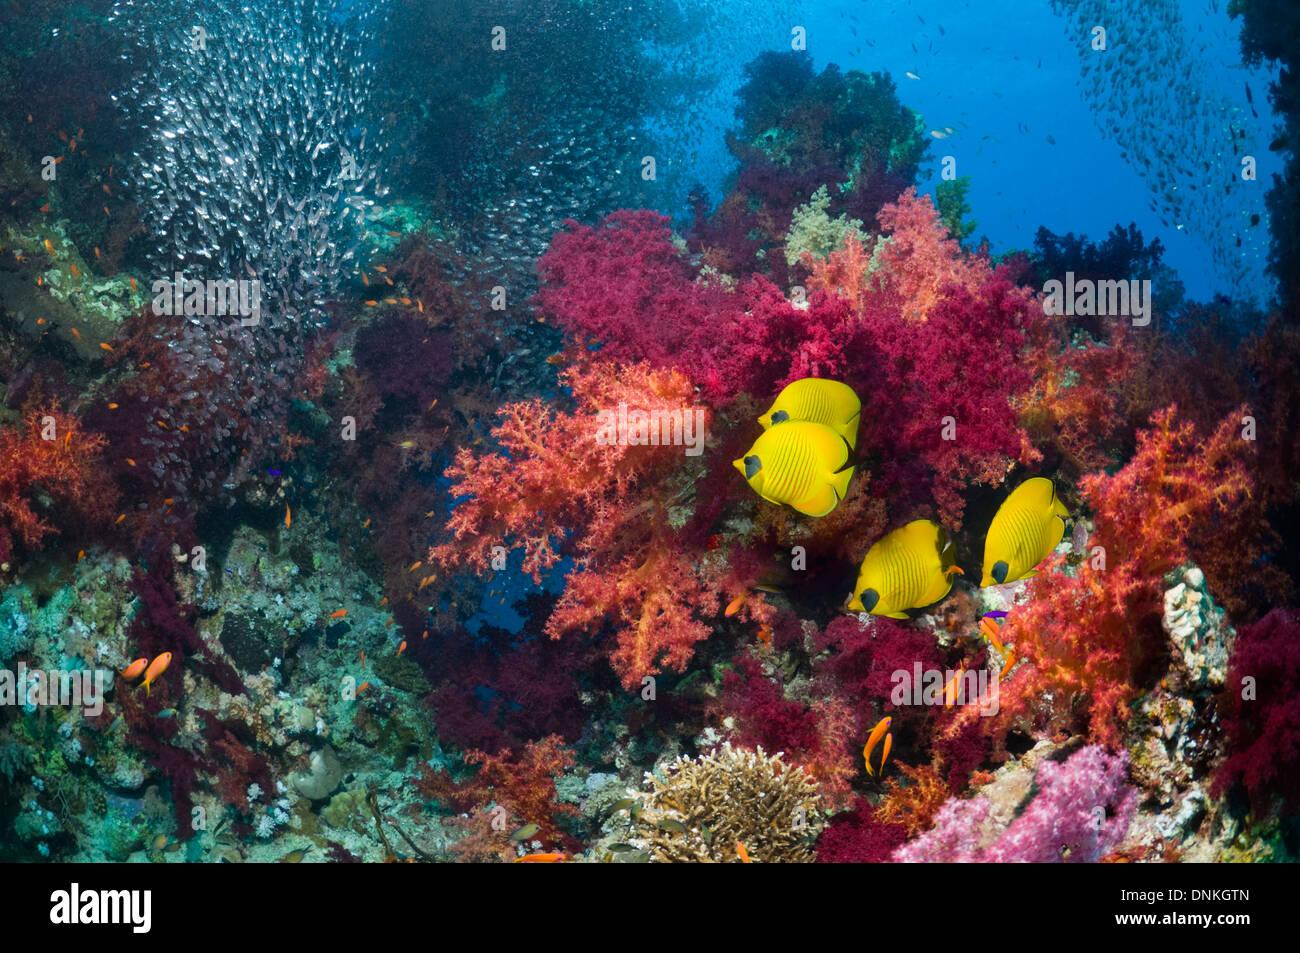 Paysage récifs coralliens avec papillons d'Or Photo Stock